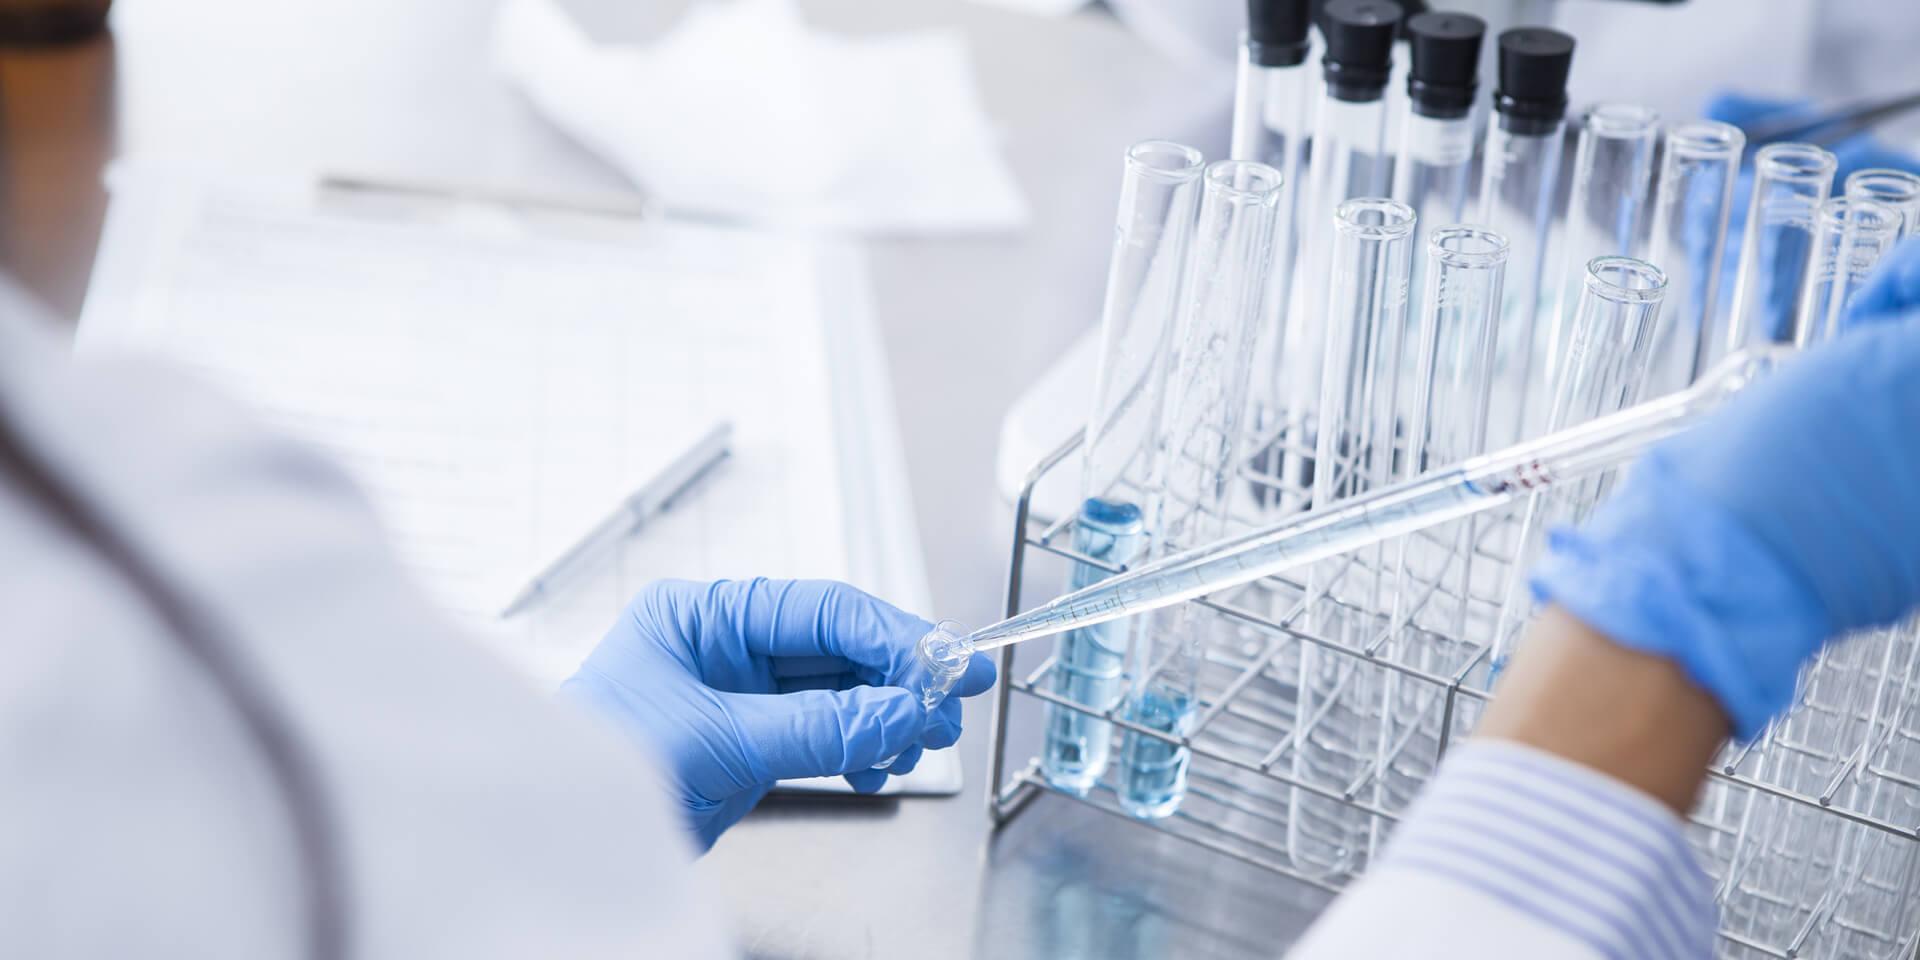 Wissenschaftler:in beim entnehmen einer Probe mit einer Pipette